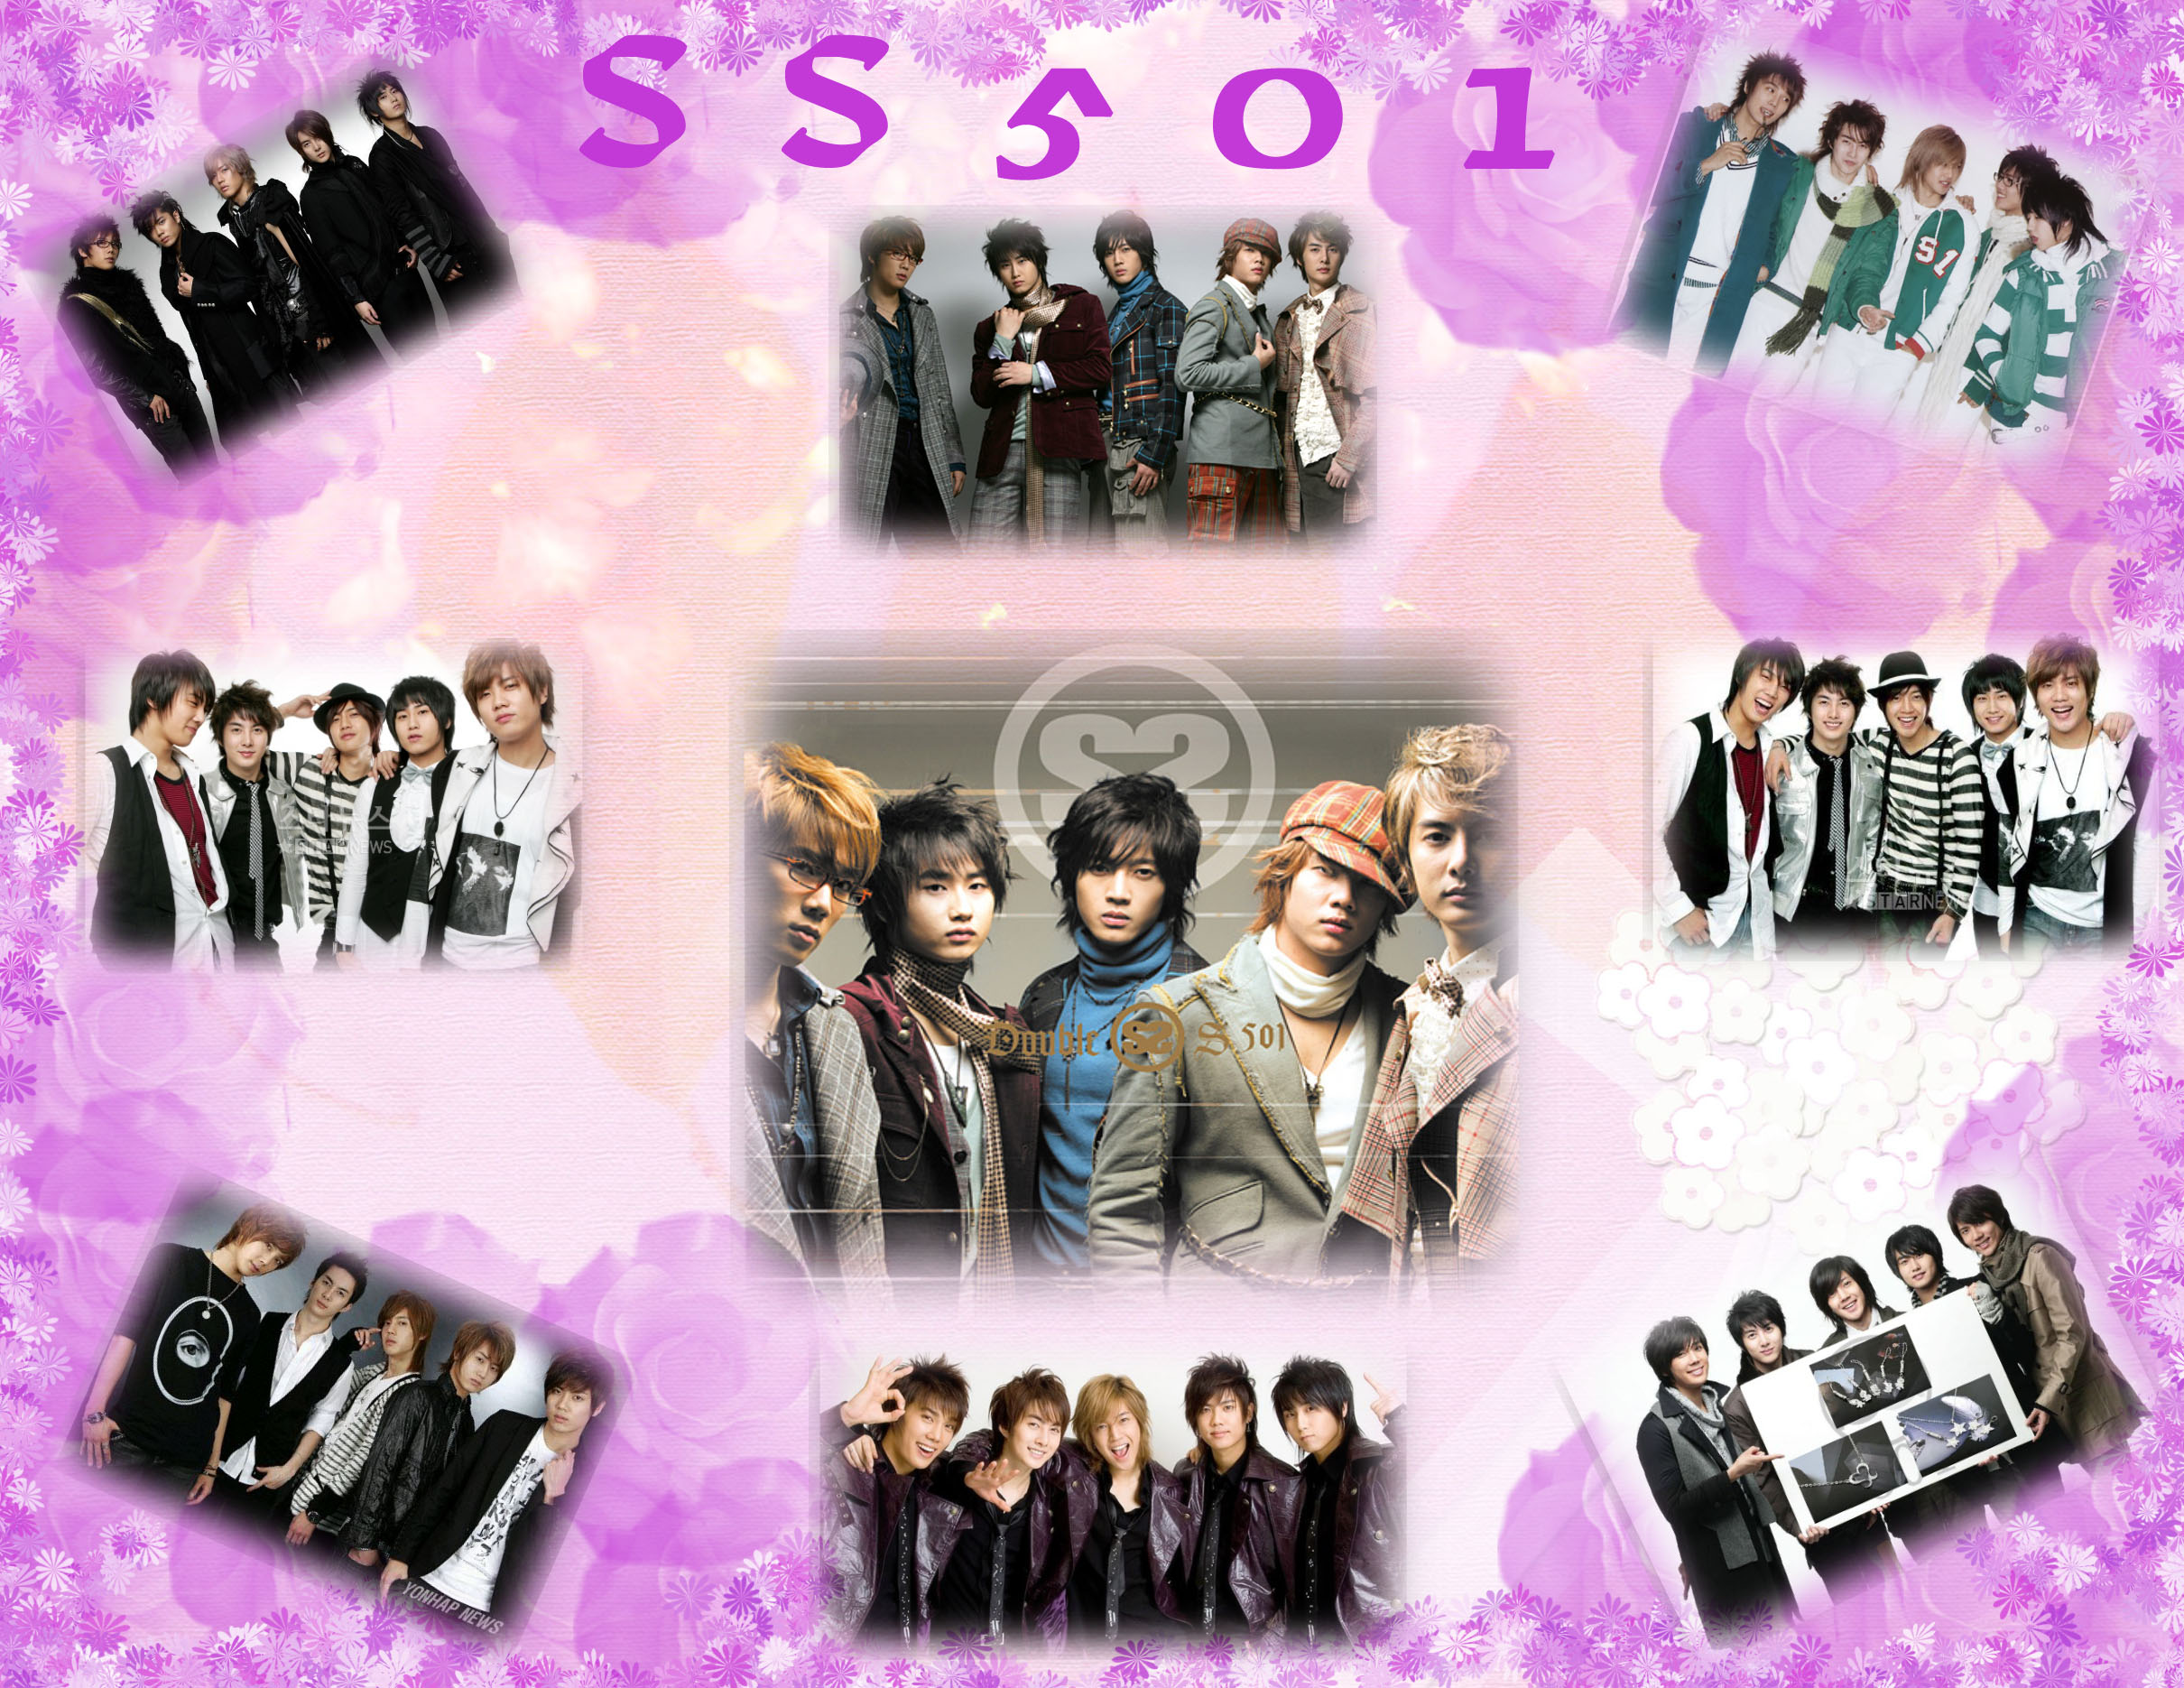 este video lo cree especialmente para ellos mis  chicos los kiero muxo SS501_by_ShiiroNekonee